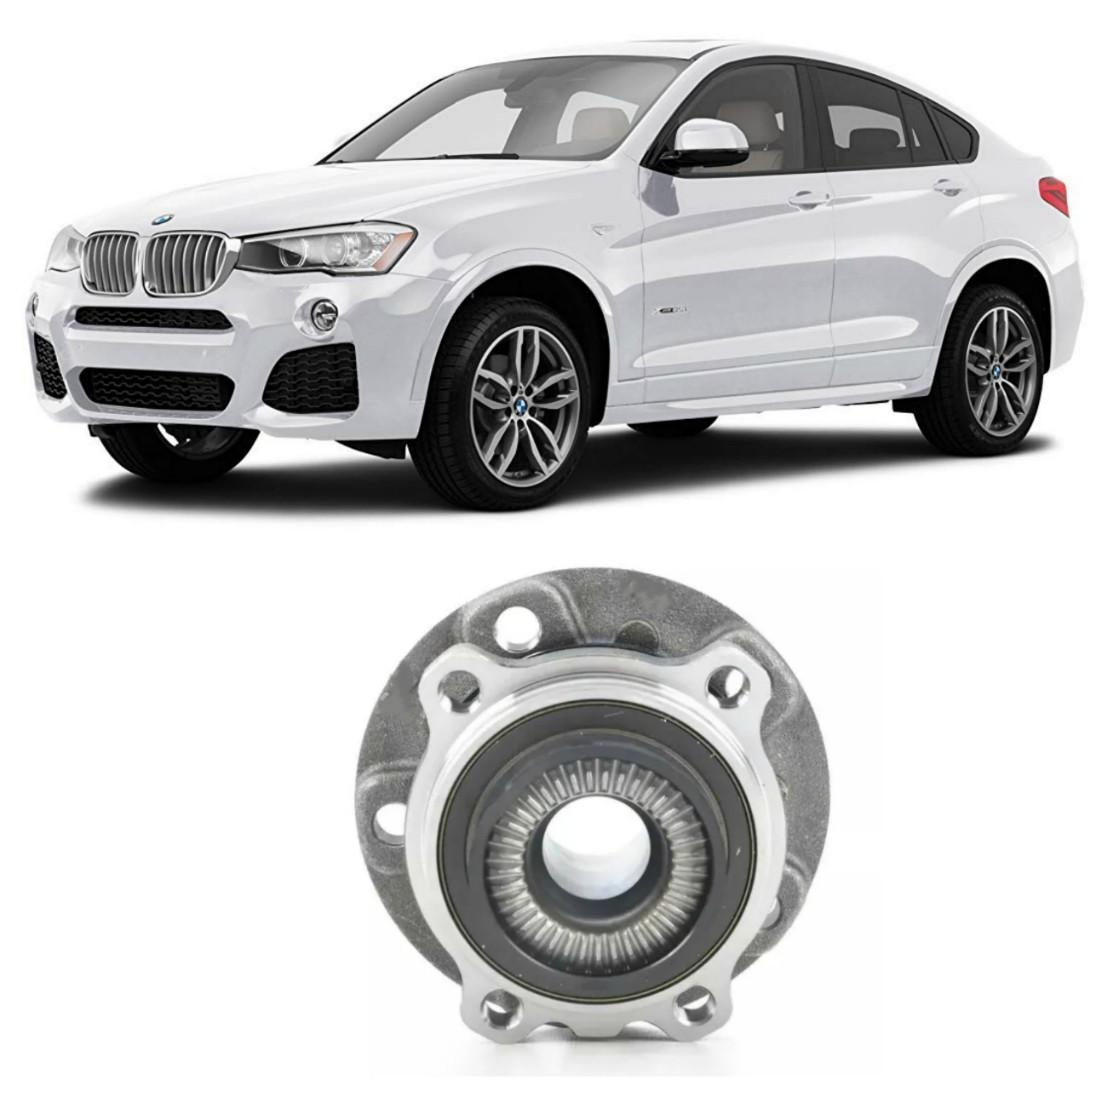 Cubo de Roda Dianteira BMW X4, X-drive, 2014 até 2018, com ABS